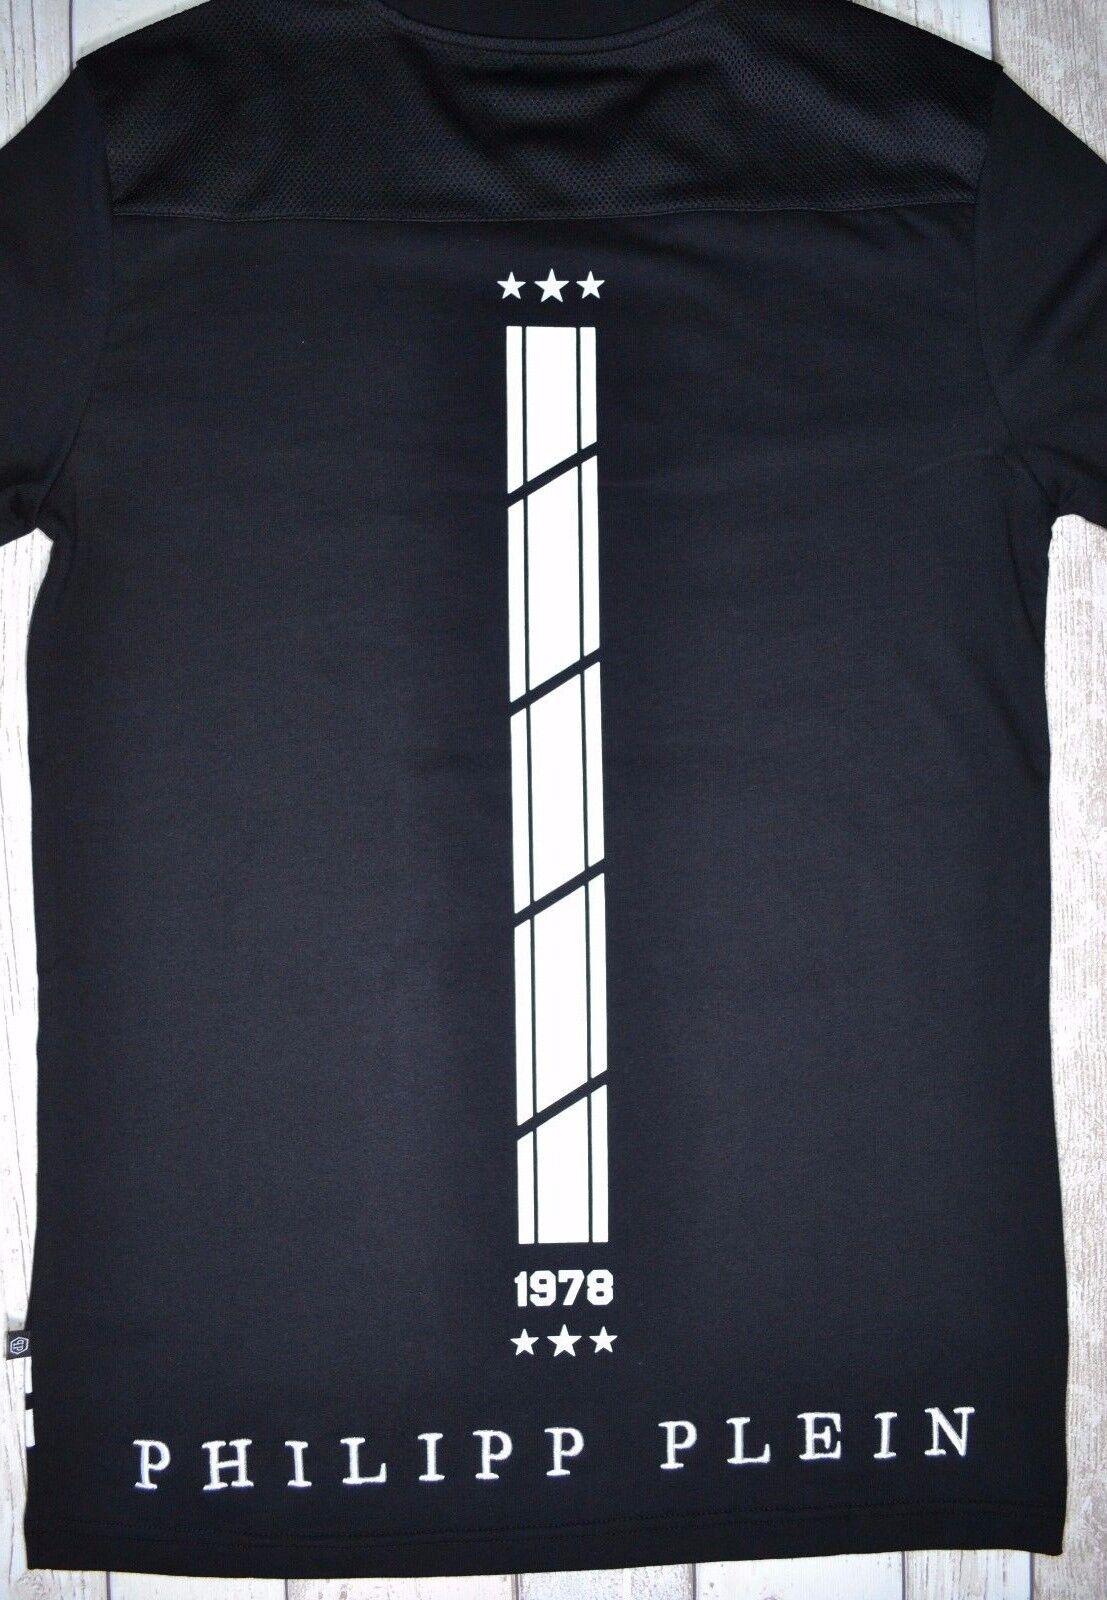 BNWT PHILIPP PLEIN  ENKO    T-SHIRT schwarz & Weiß 78 SKULL CAMISETA MAGLIETTA RARE 7af065